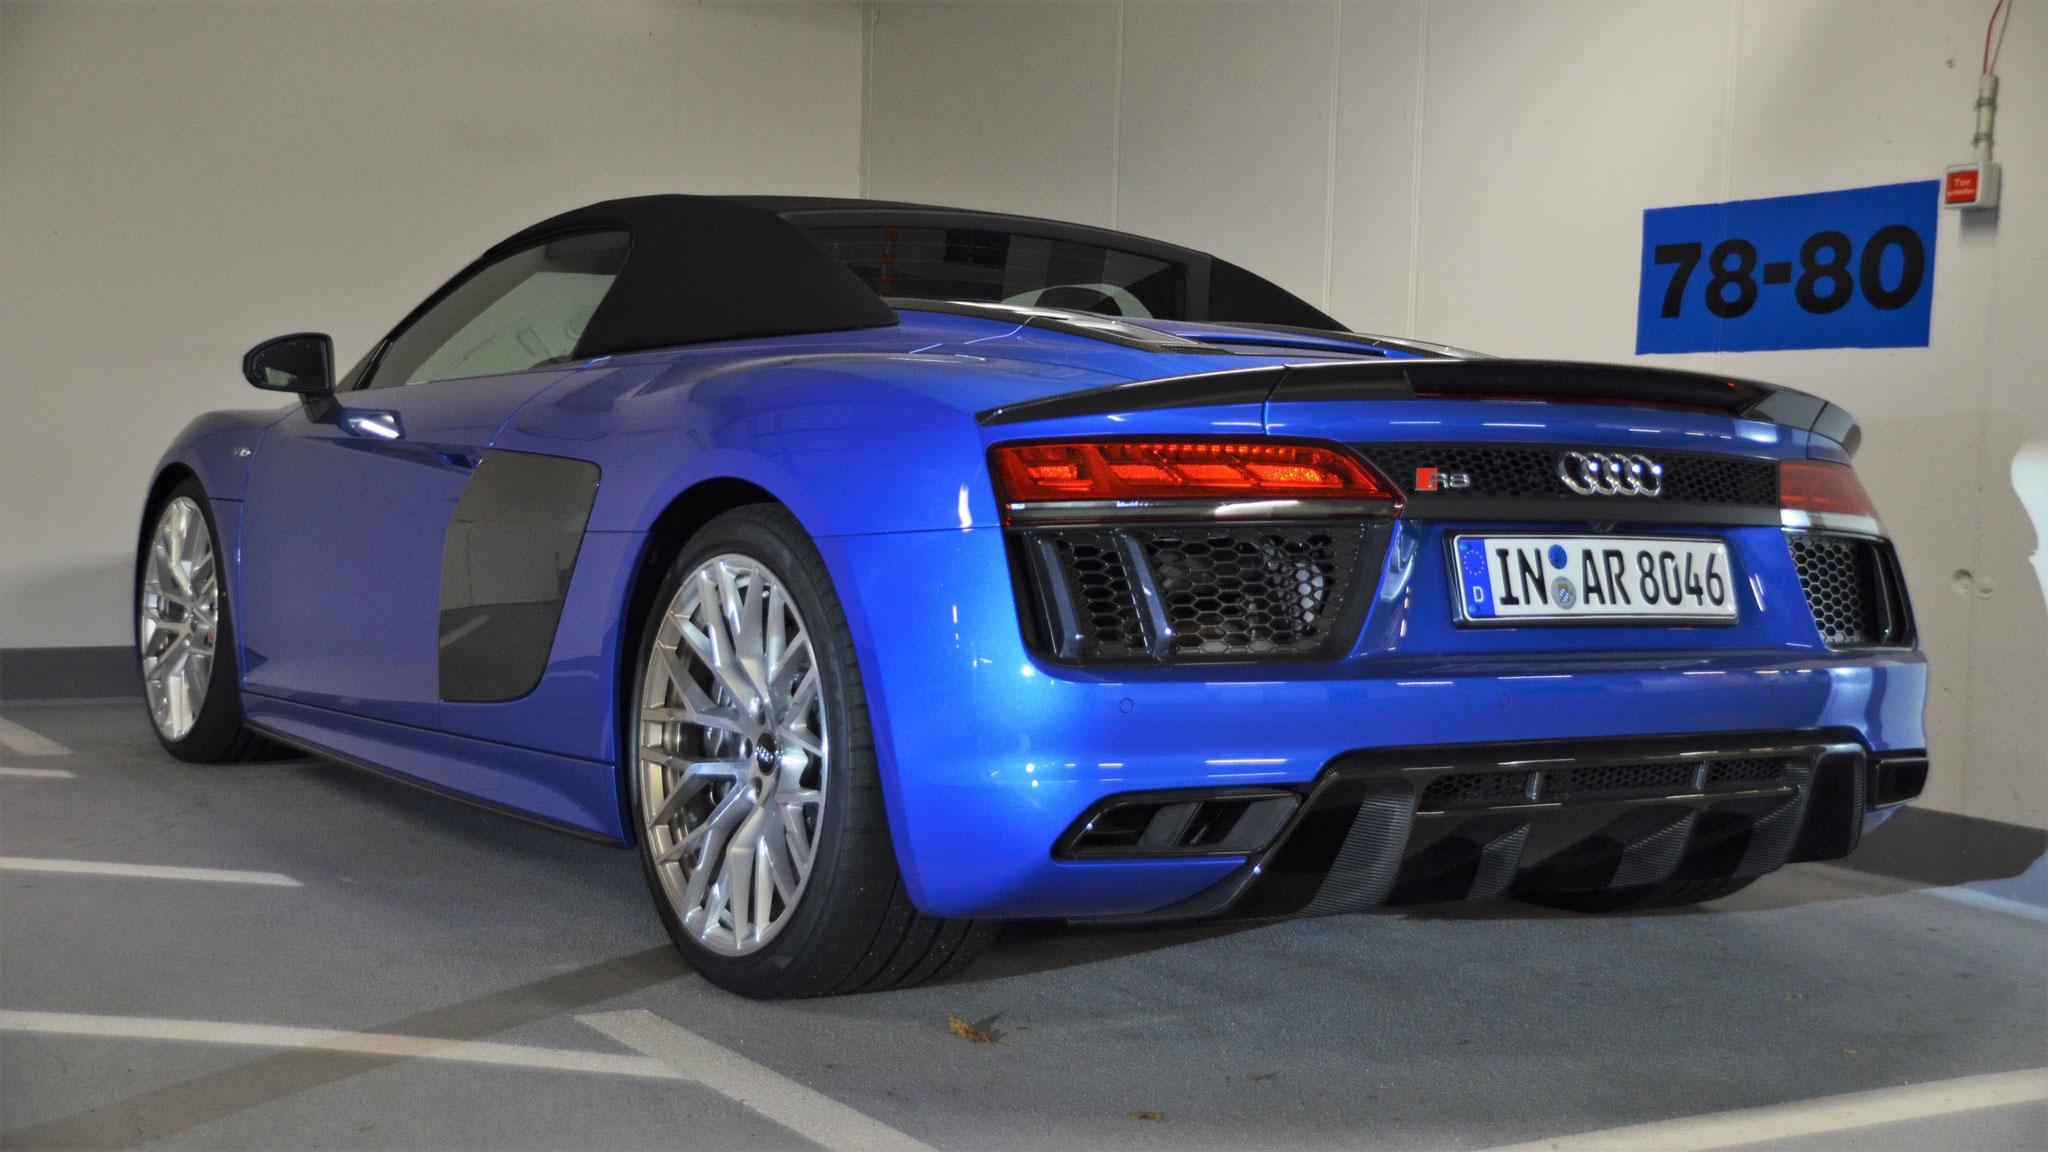 Audi R8 V10 Spyder - IN-AR-8046